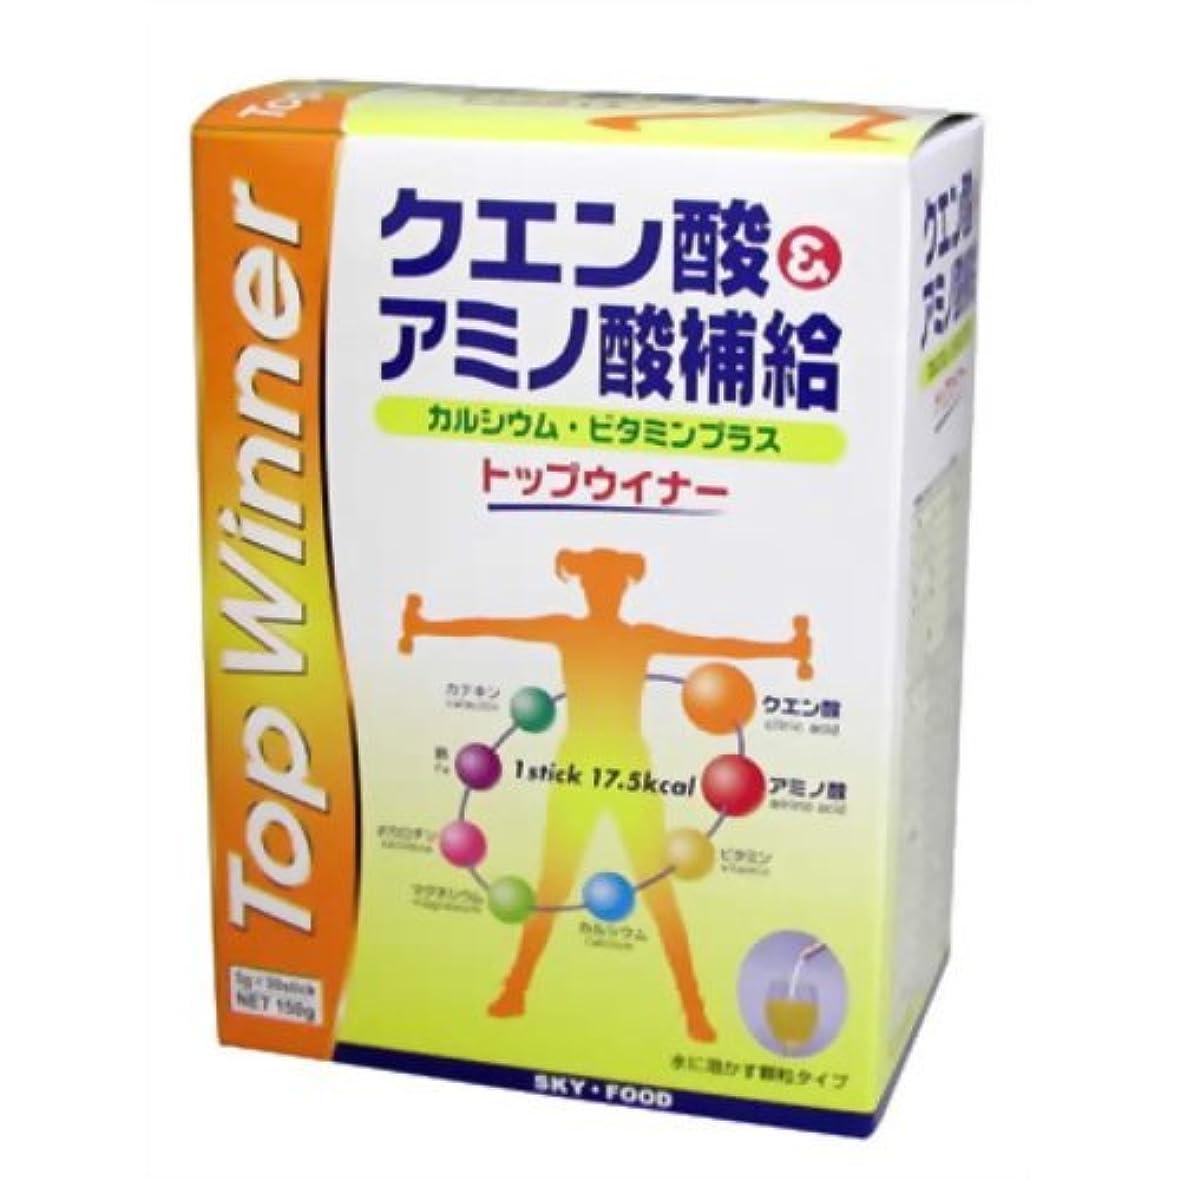 釈義スロープはちみつクエン酸&アミノ酸補給 トップウィナー 5g×30袋